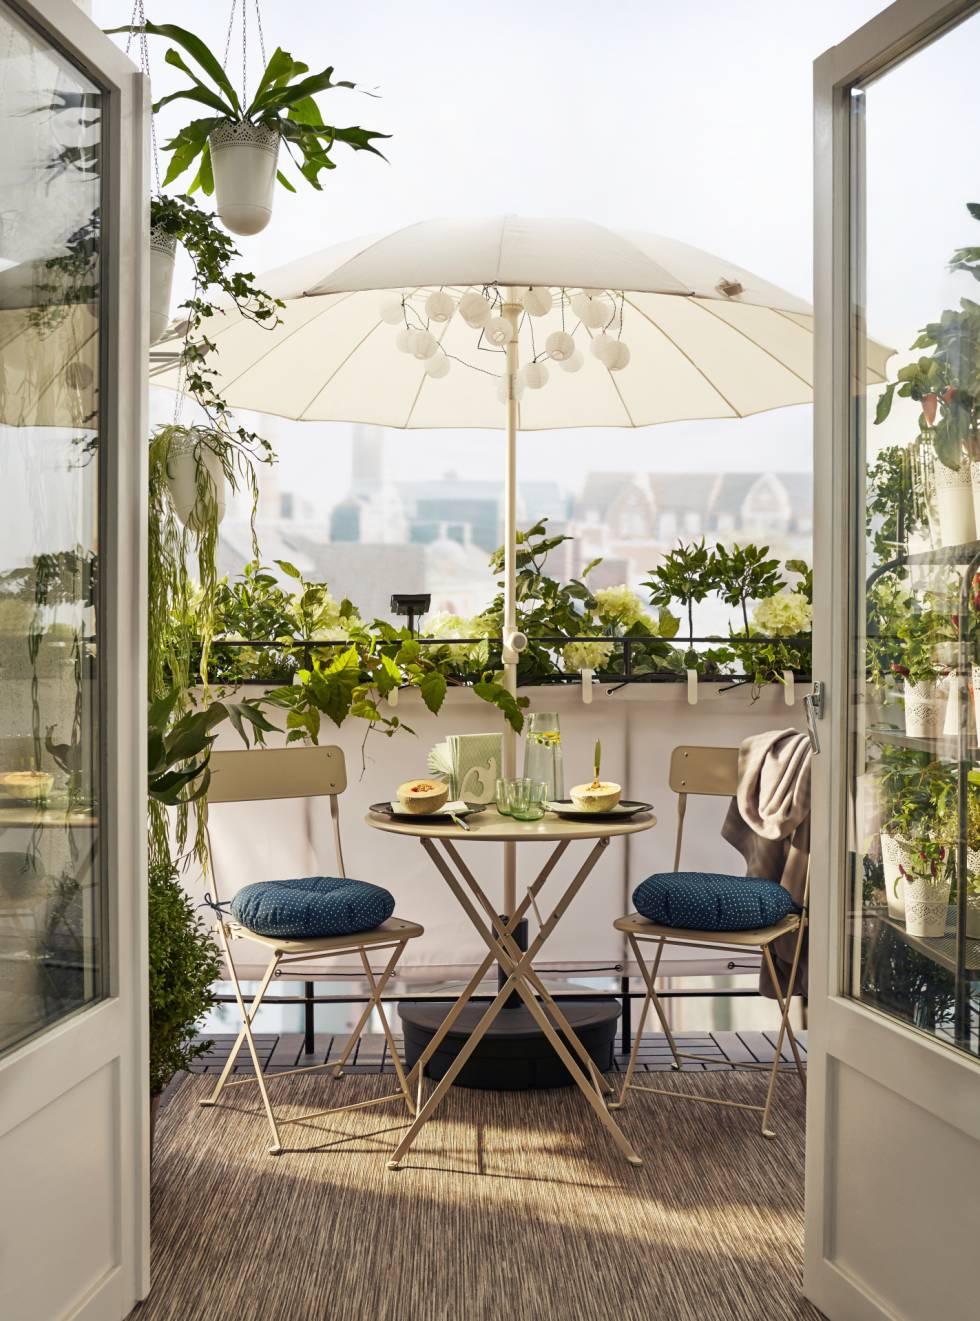 No hay terraza peque a hay poca imaginaci n icon el pa s for Mobiliario para terrazas pequenas